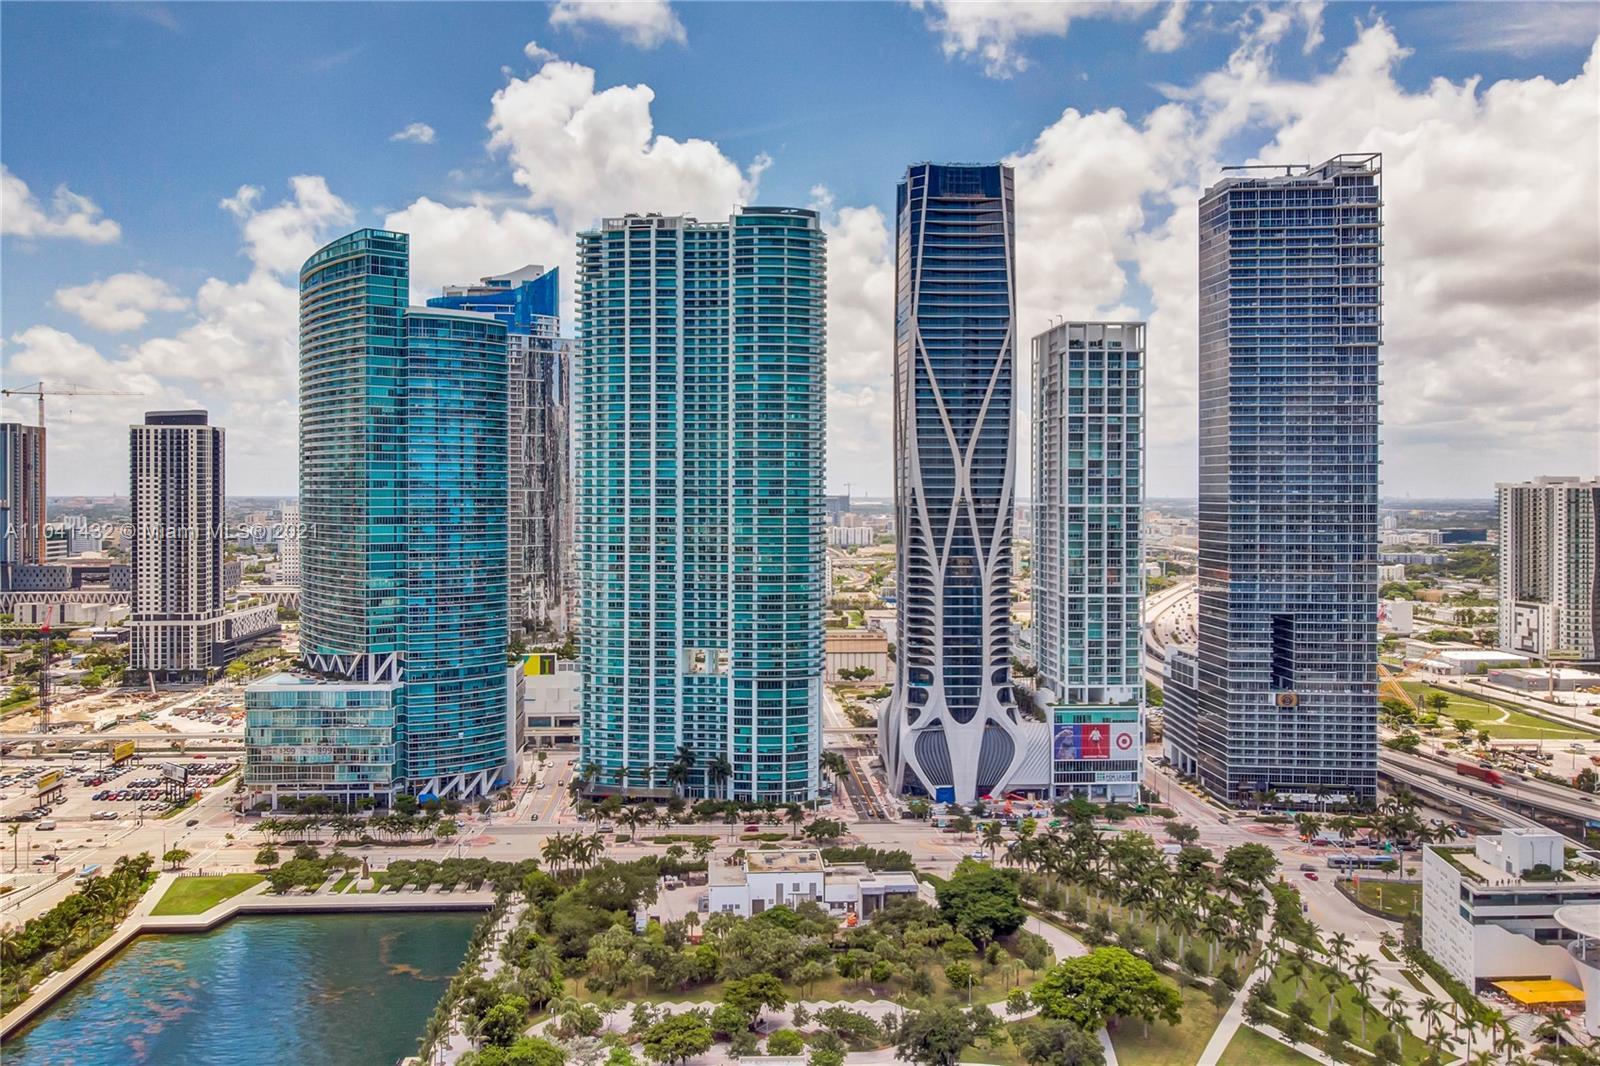 900 Biscayne Bay #6301 - 900 Biscayne Blvd #6301, Miami, FL 33132